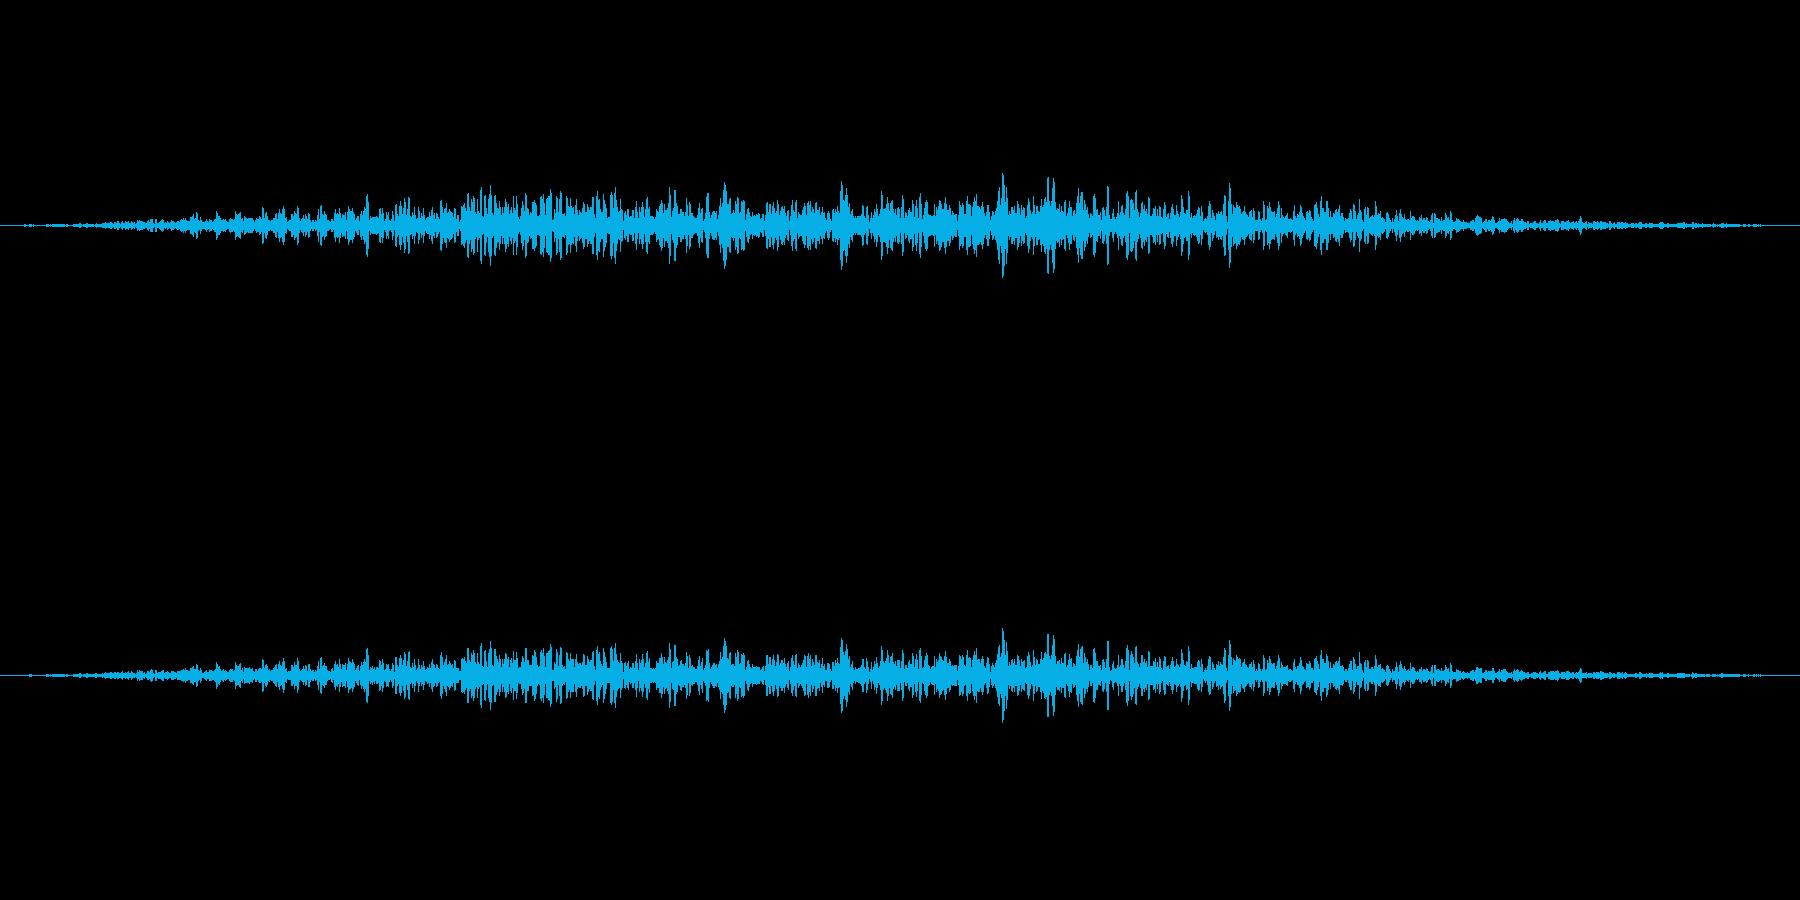 新幹線が通るシャーという音の再生済みの波形